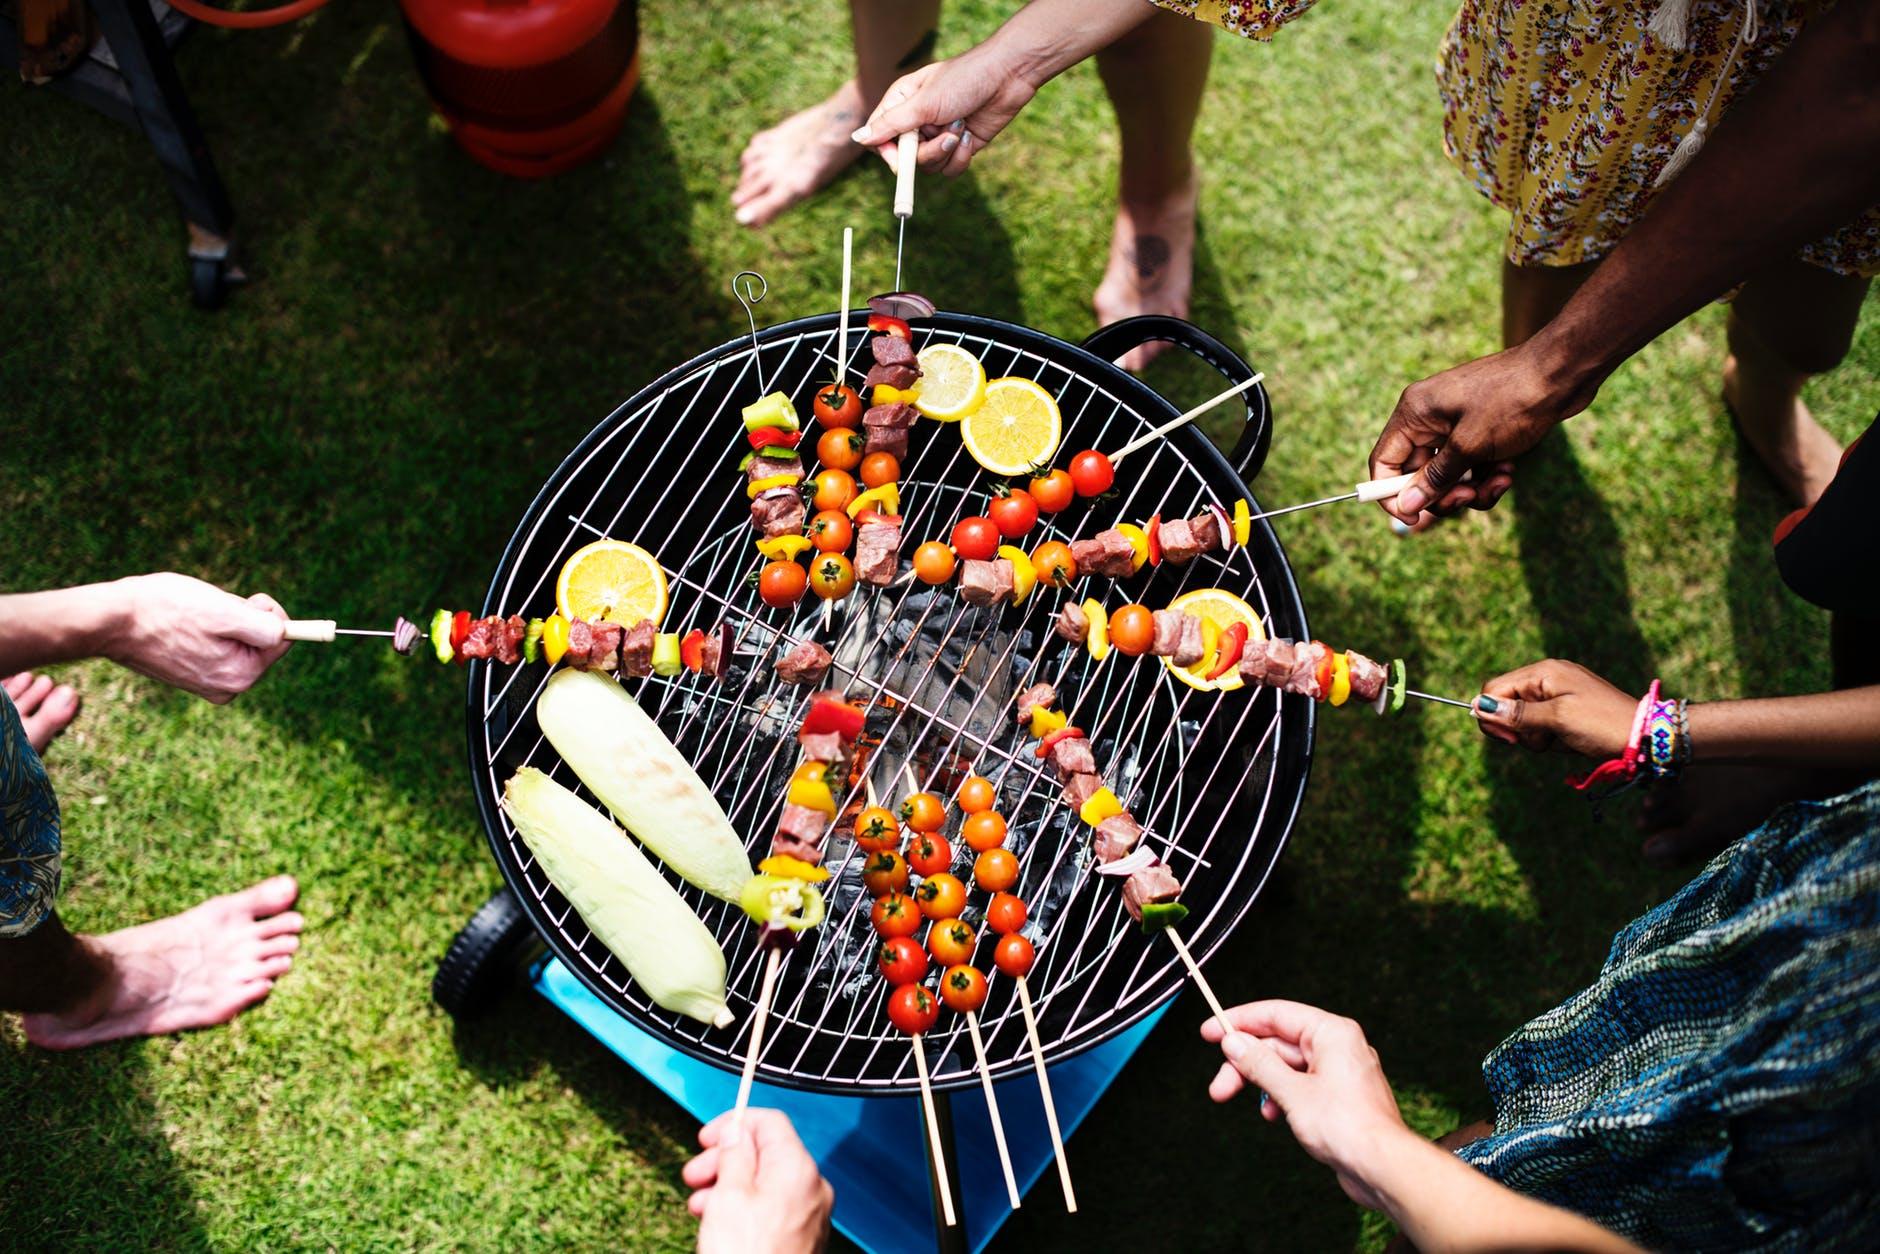 Καλοκαίρι στη βεράντα: έπιπλα και ιδέες για χαλάρωση!